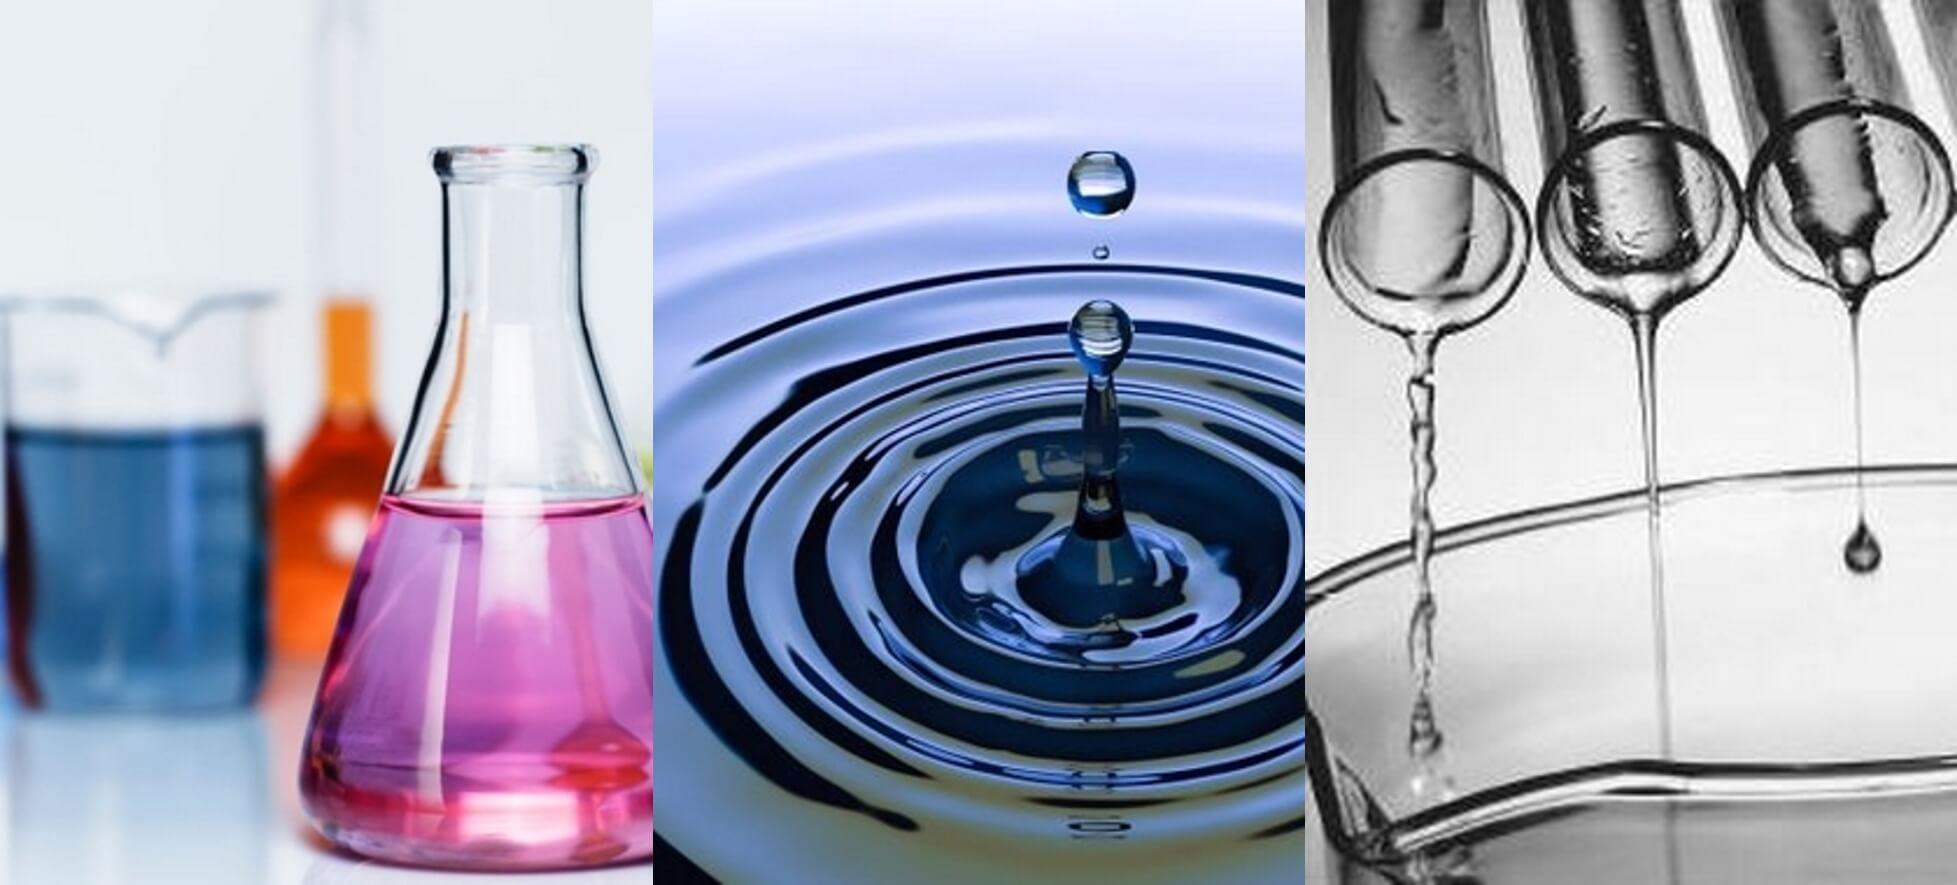 Conductivité thermique de différents liquides